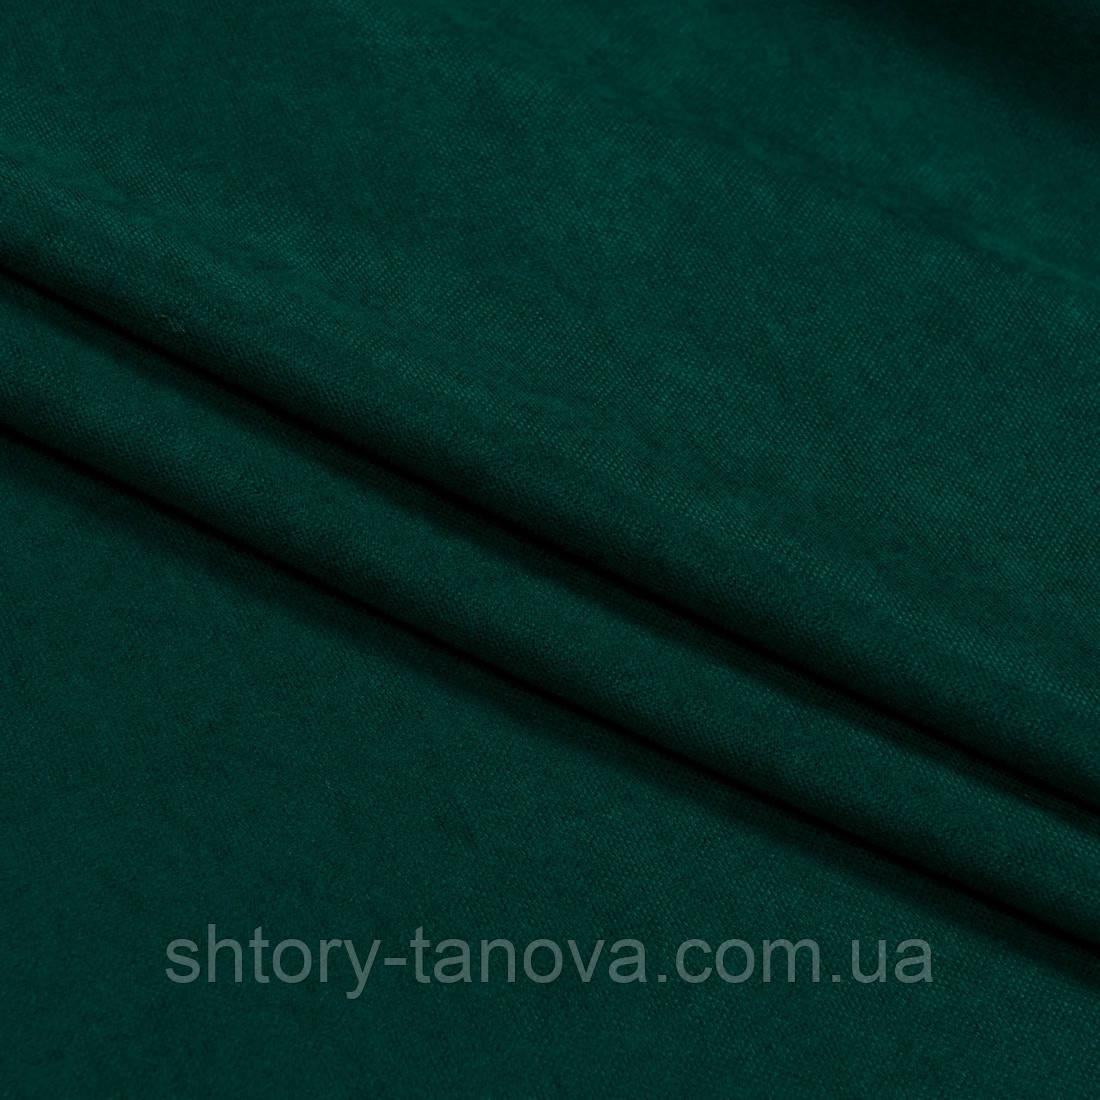 Нубук ткань для штор  т.зеленый